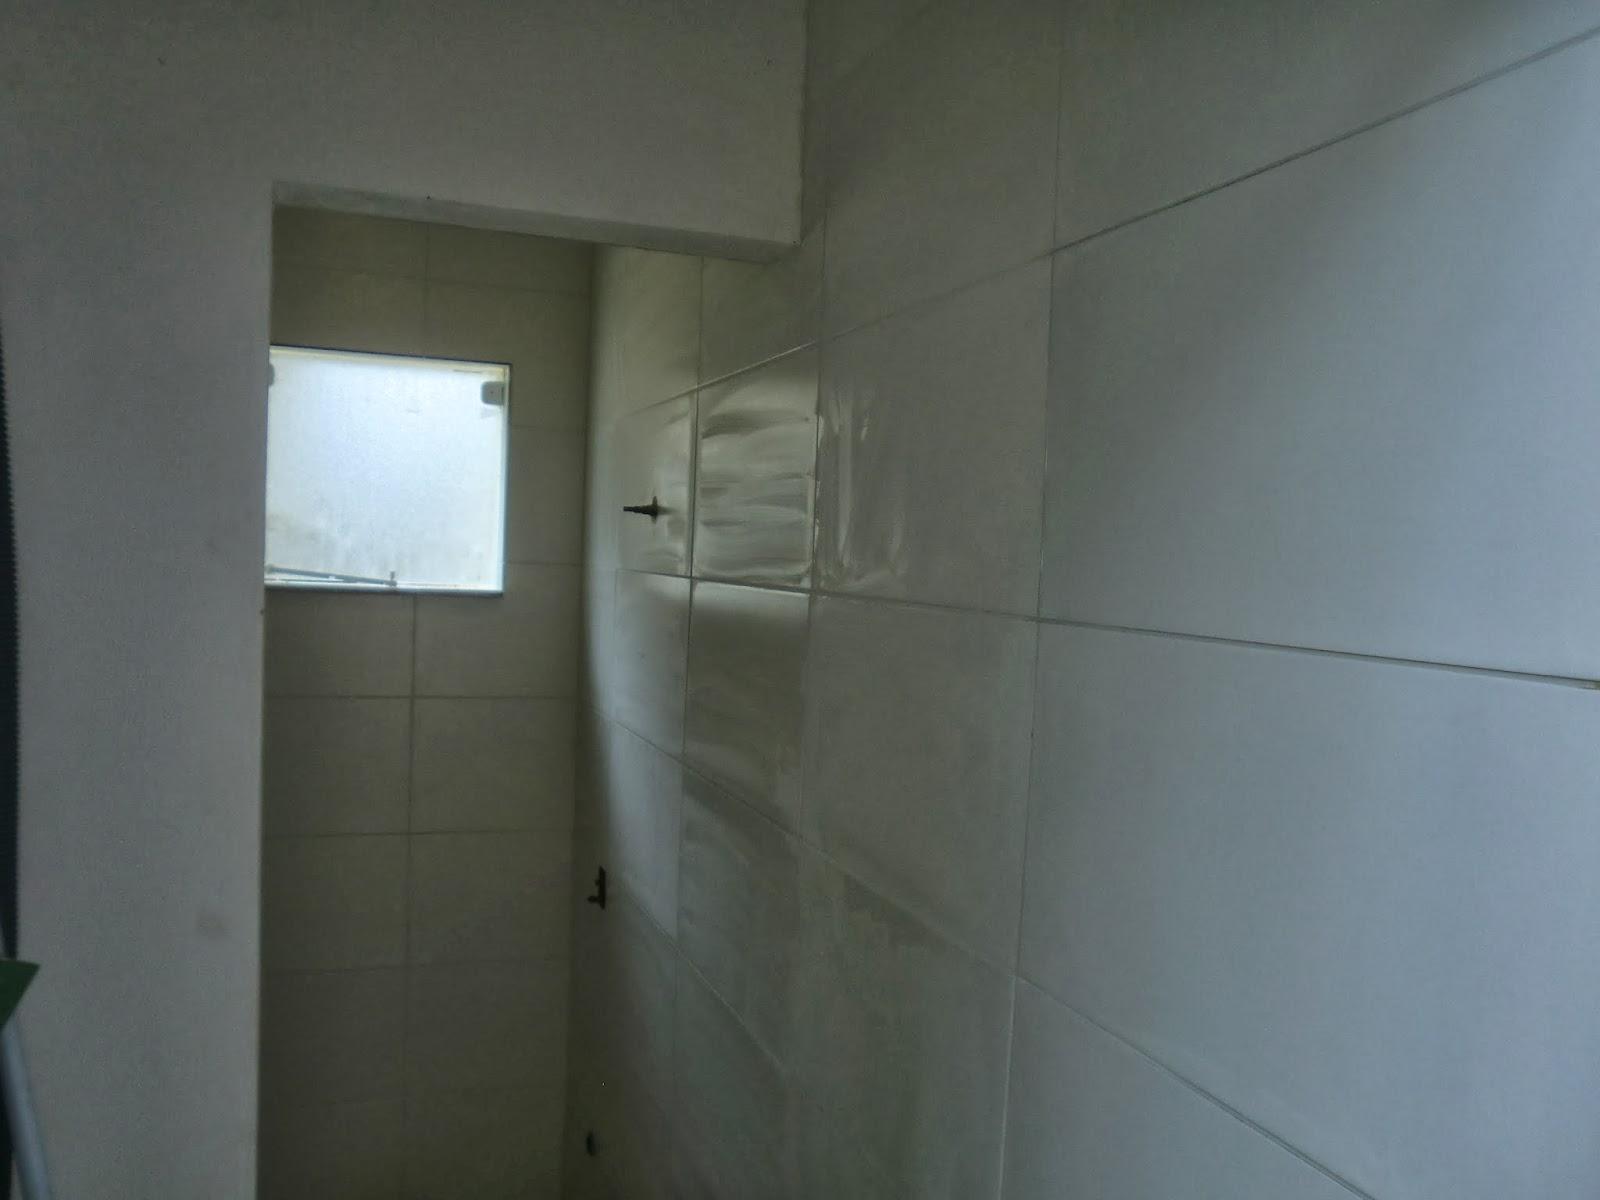 em reforma Durante a Reforma Reforma Barata de Lavabo e Banheiro #3B7790 1600 1200